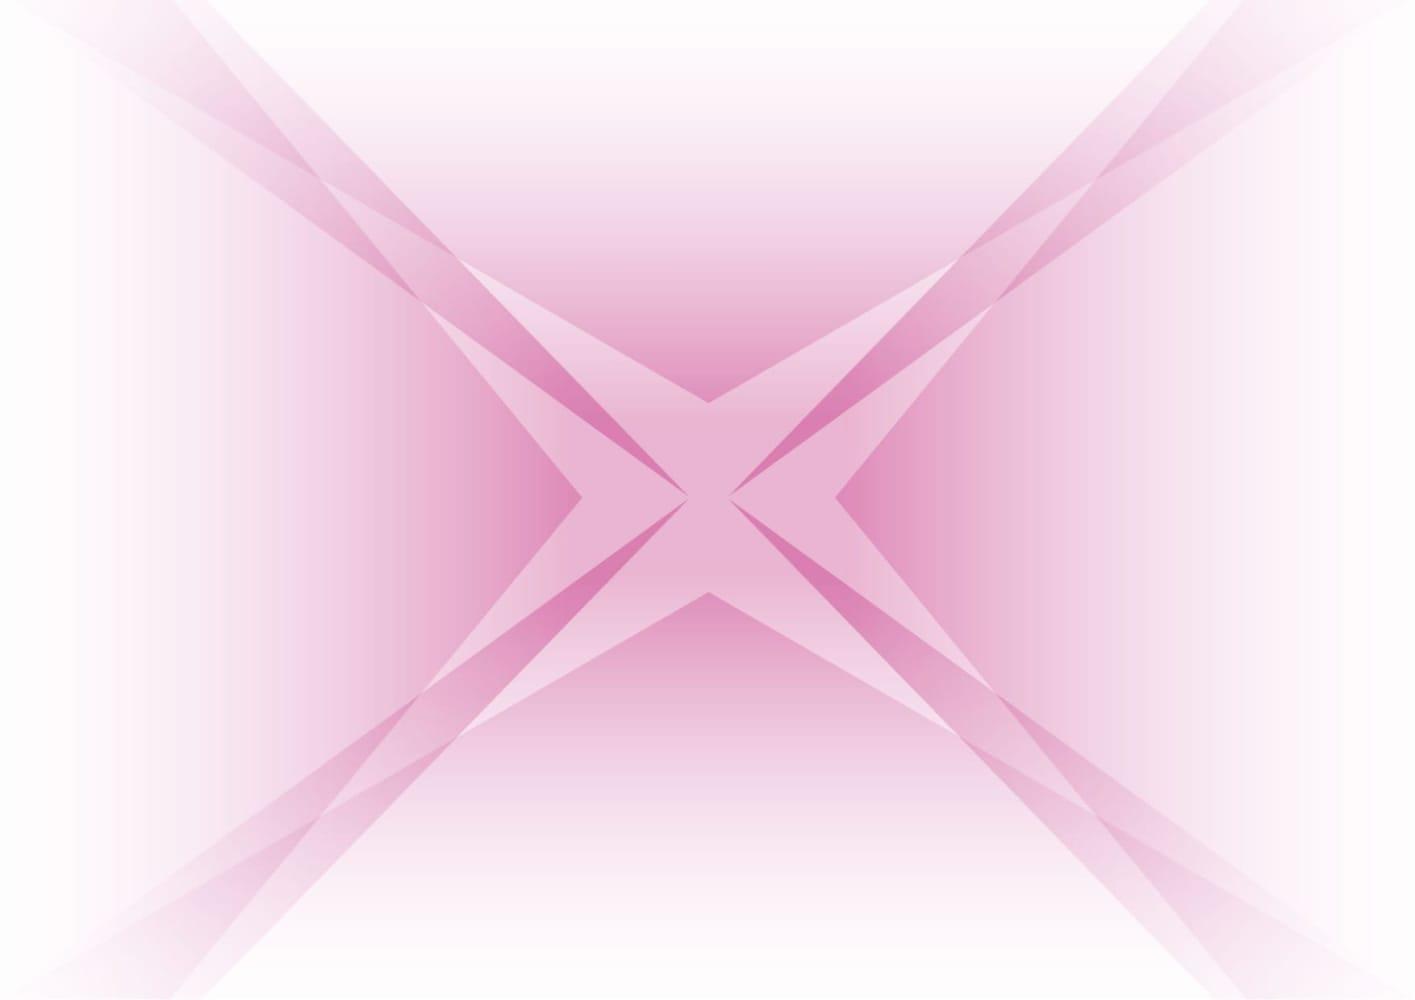 背景 光線 ピンク色 イラスト 無料